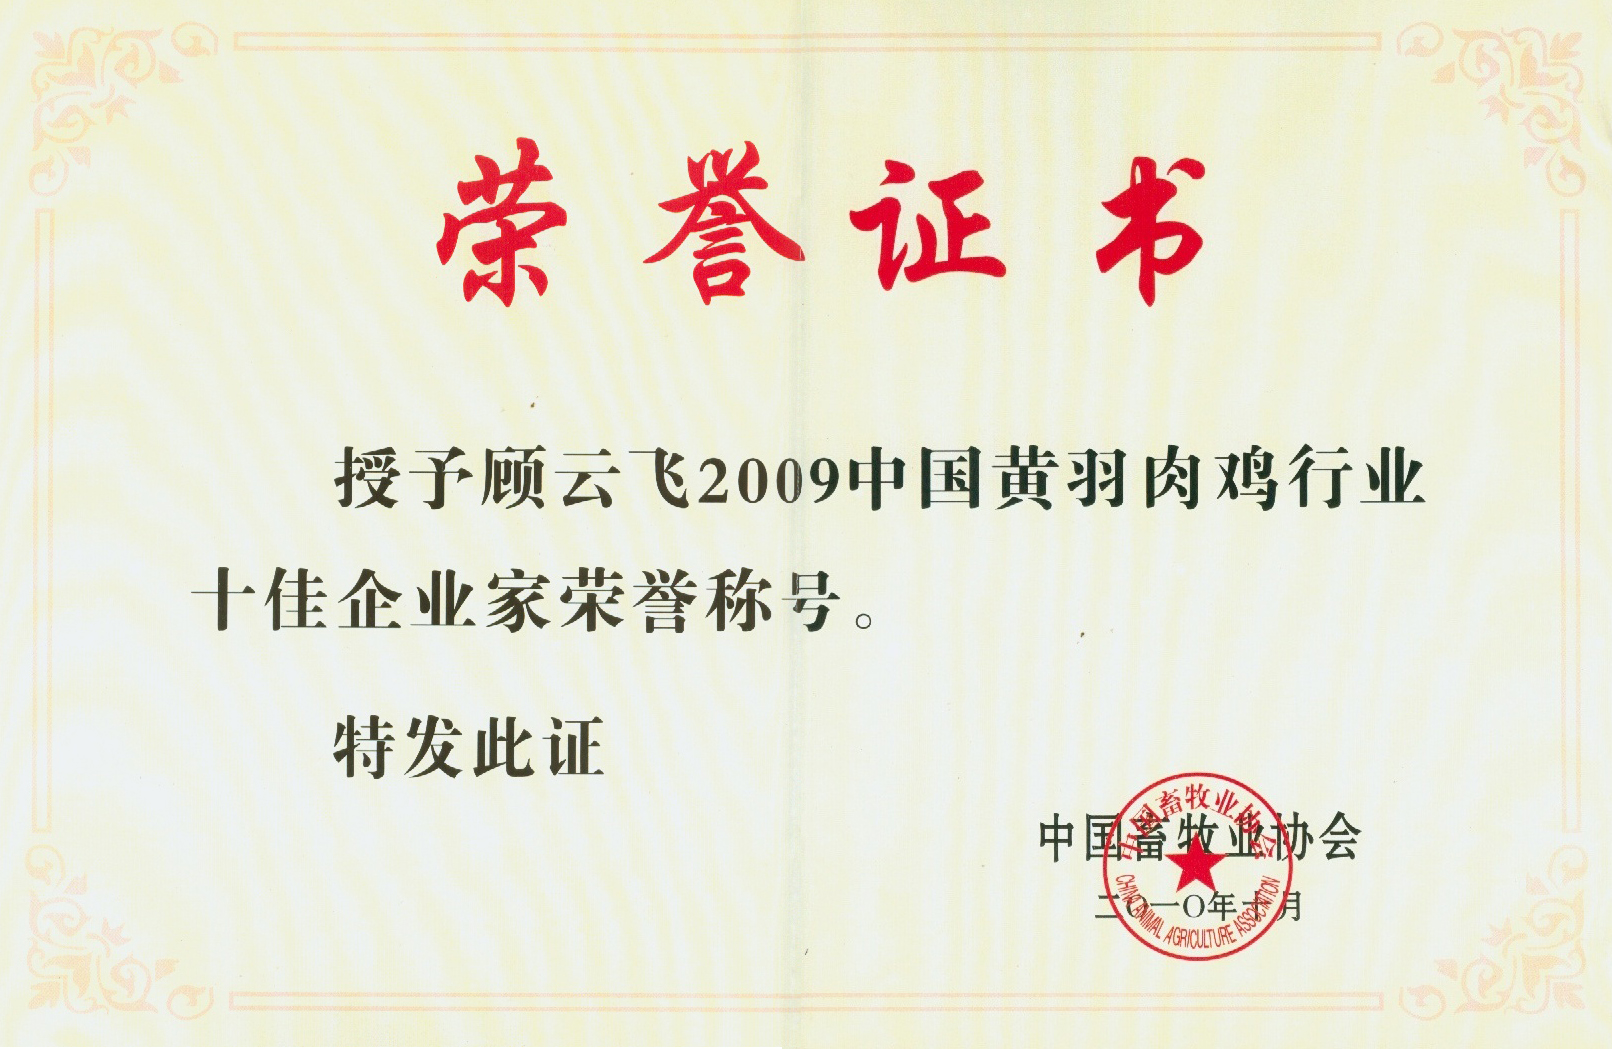 黄鸡十佳企业家.jpg